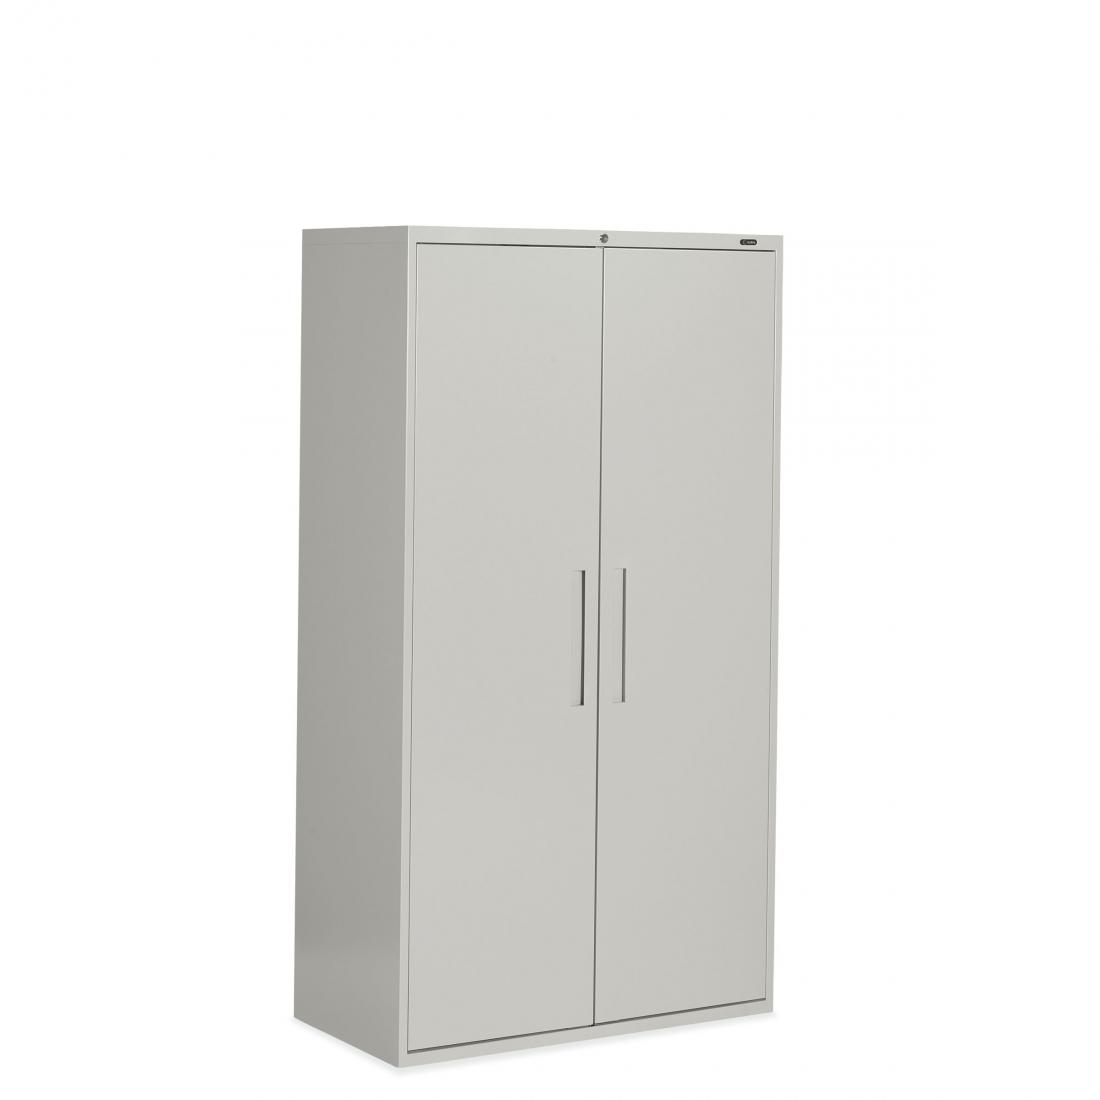 65h X 36w 2 Door Storage Cabinet Four Adjustable Shelves 385